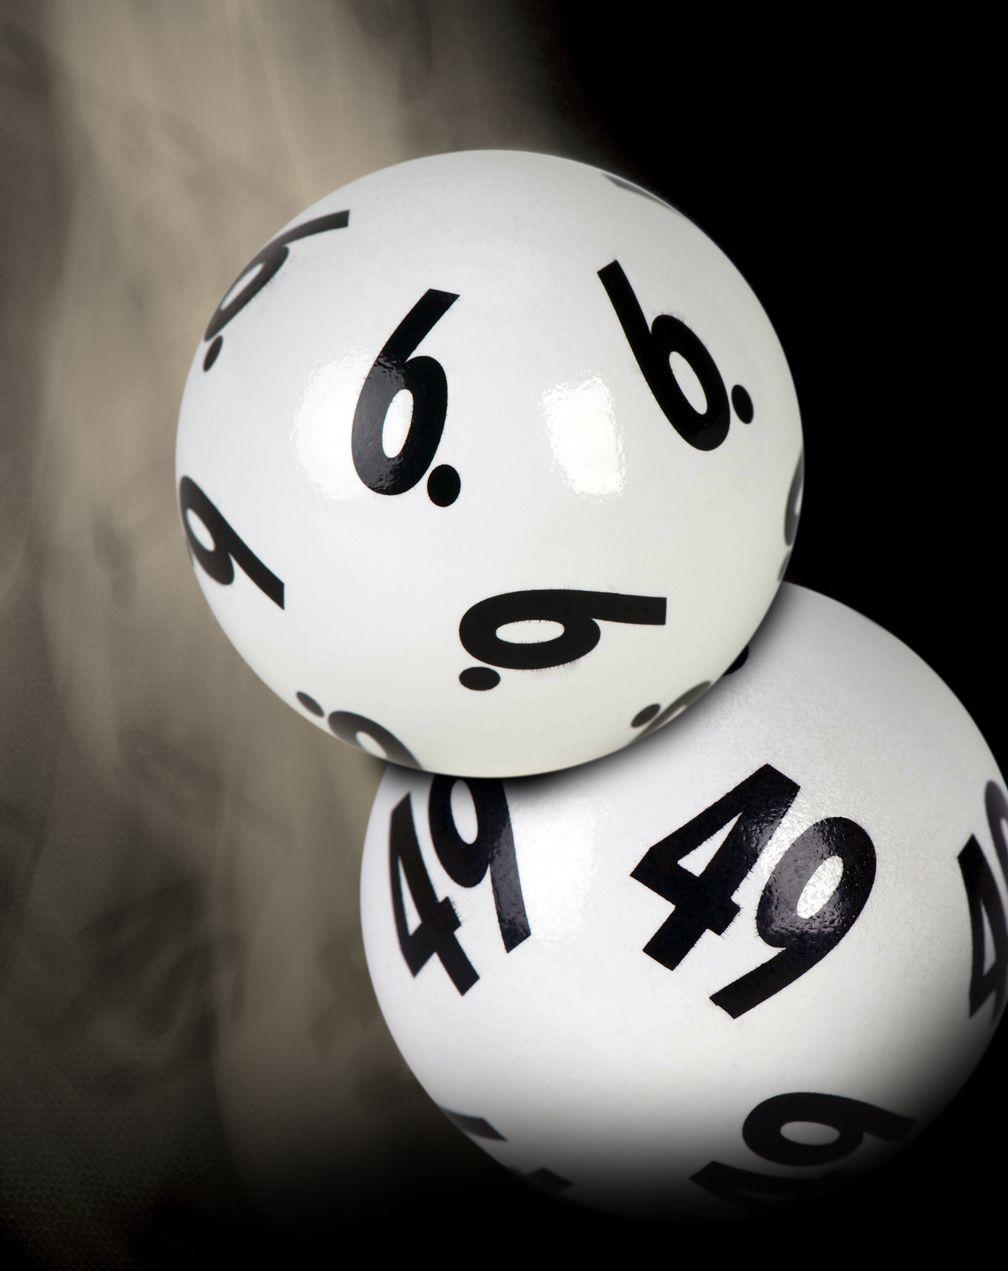 Lottozahlen Vom 20.01.2021